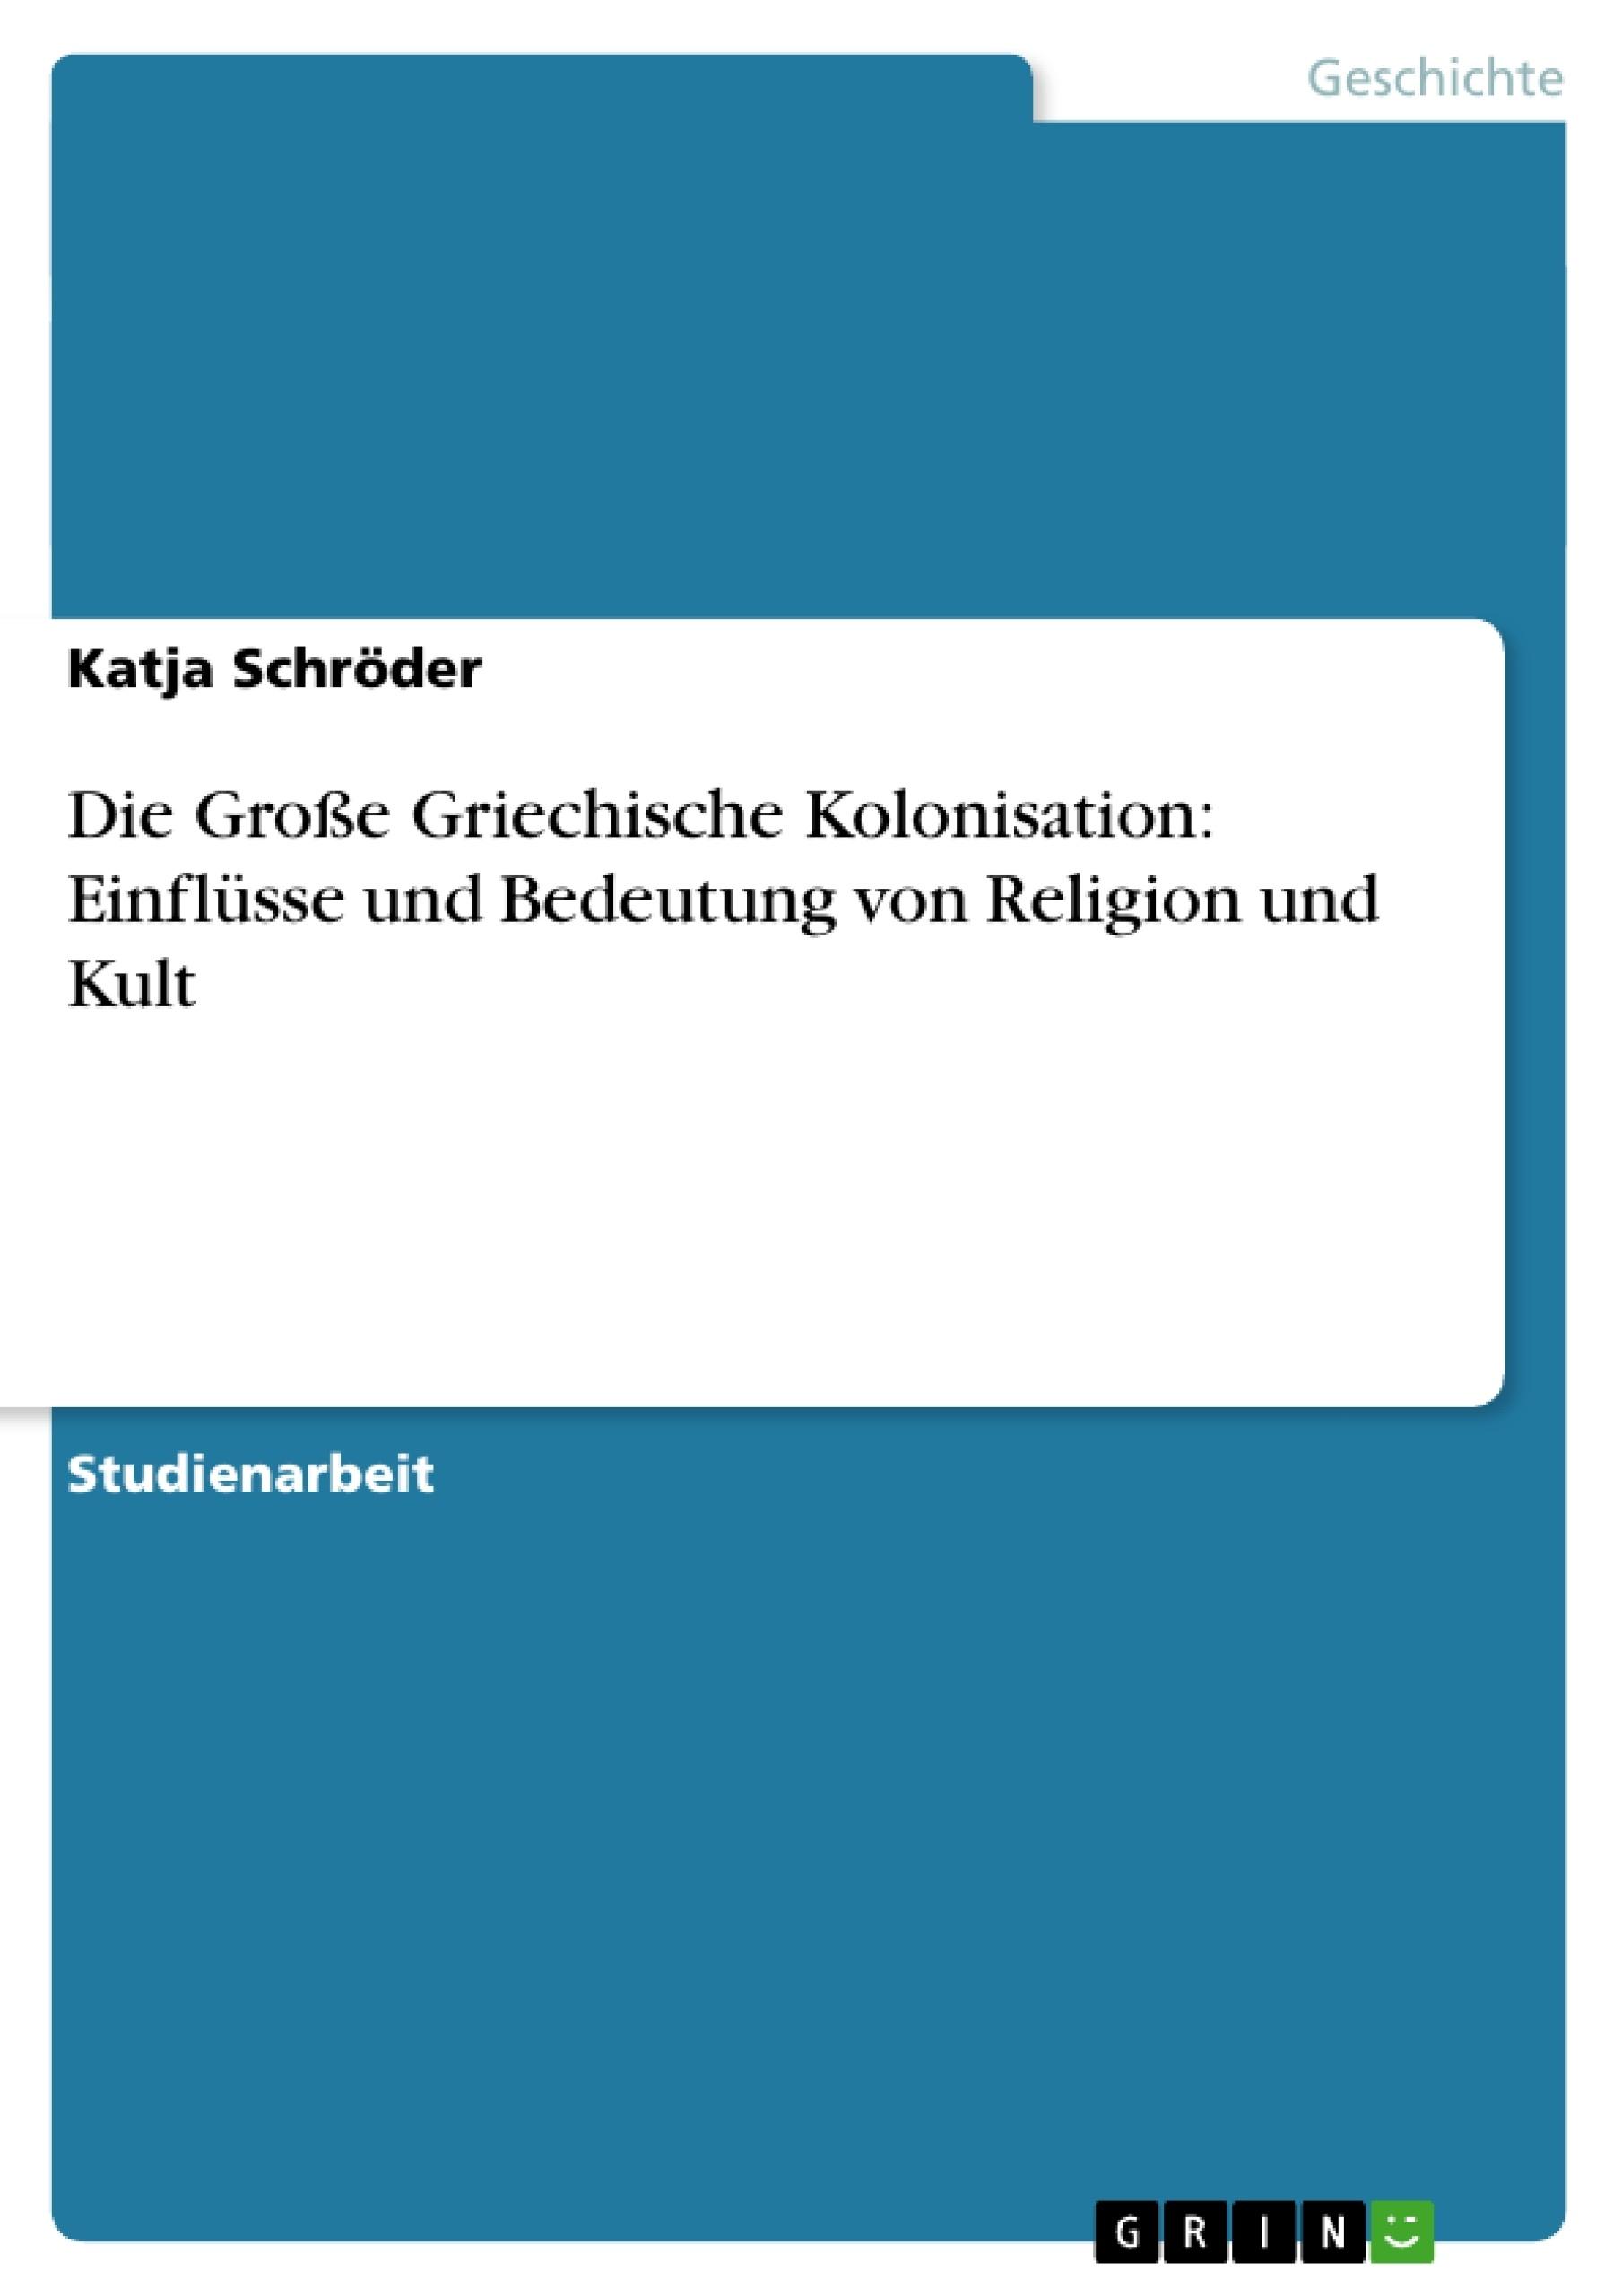 Titel: Die Große Griechische Kolonisation: Einflüsse und Bedeutung von Religion und Kult